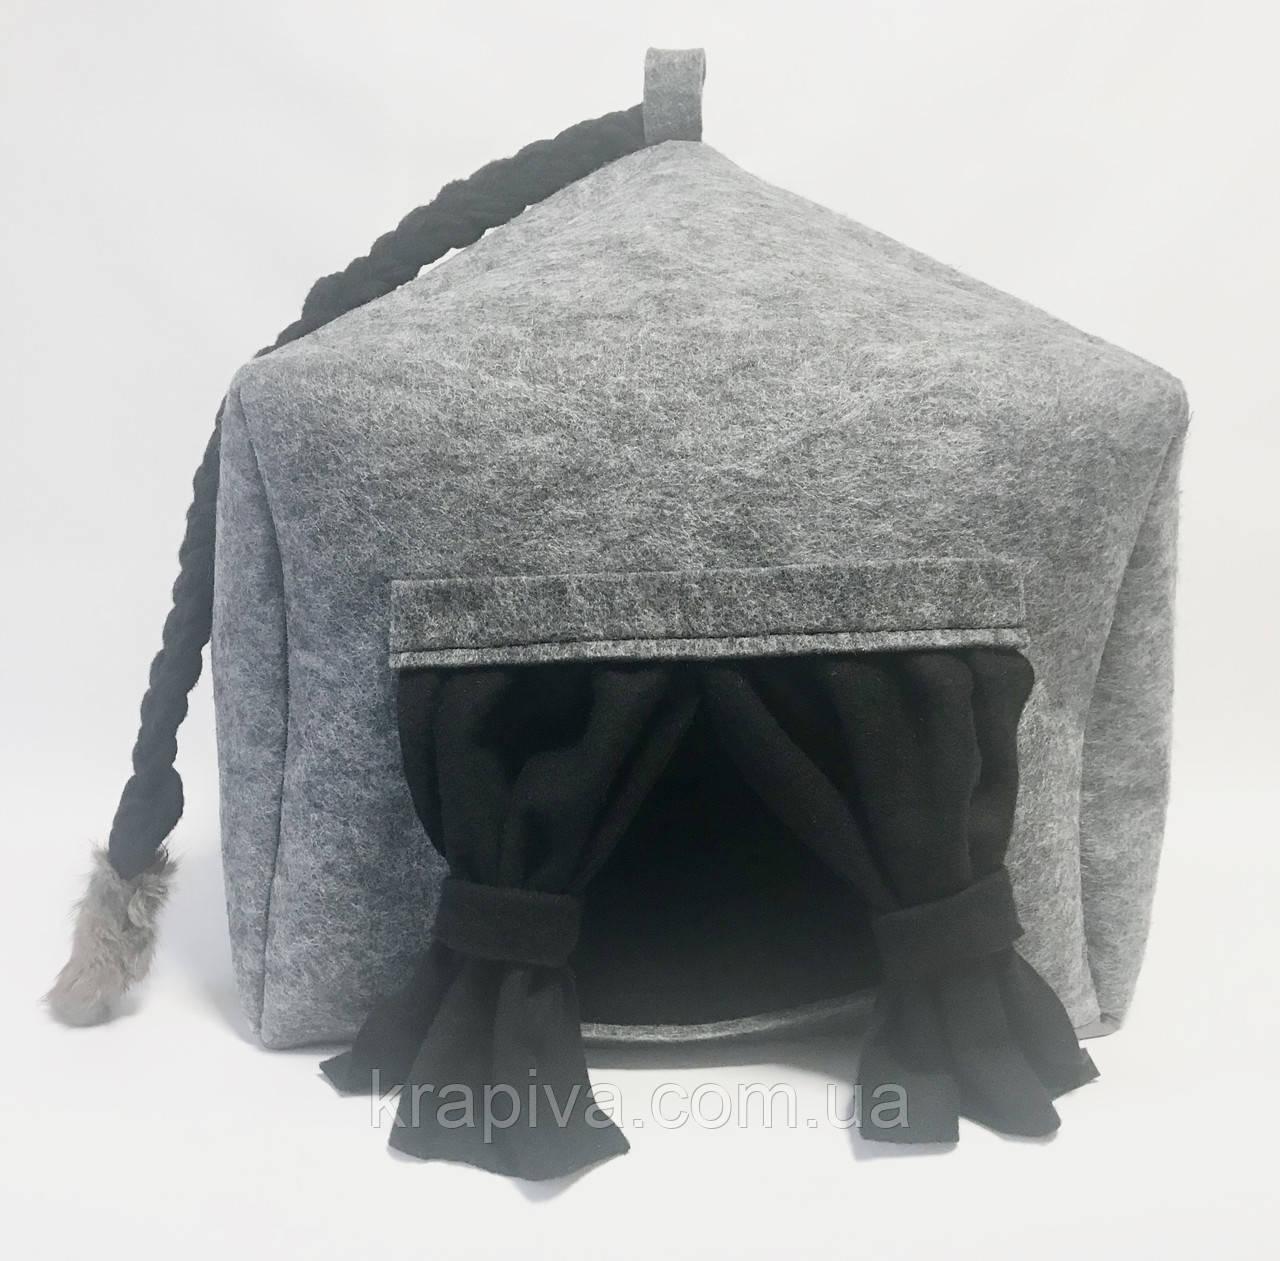 Домик лежанка со съемной подушкой для кота, собаки, дім для кота, лежак, спальне місце для кота